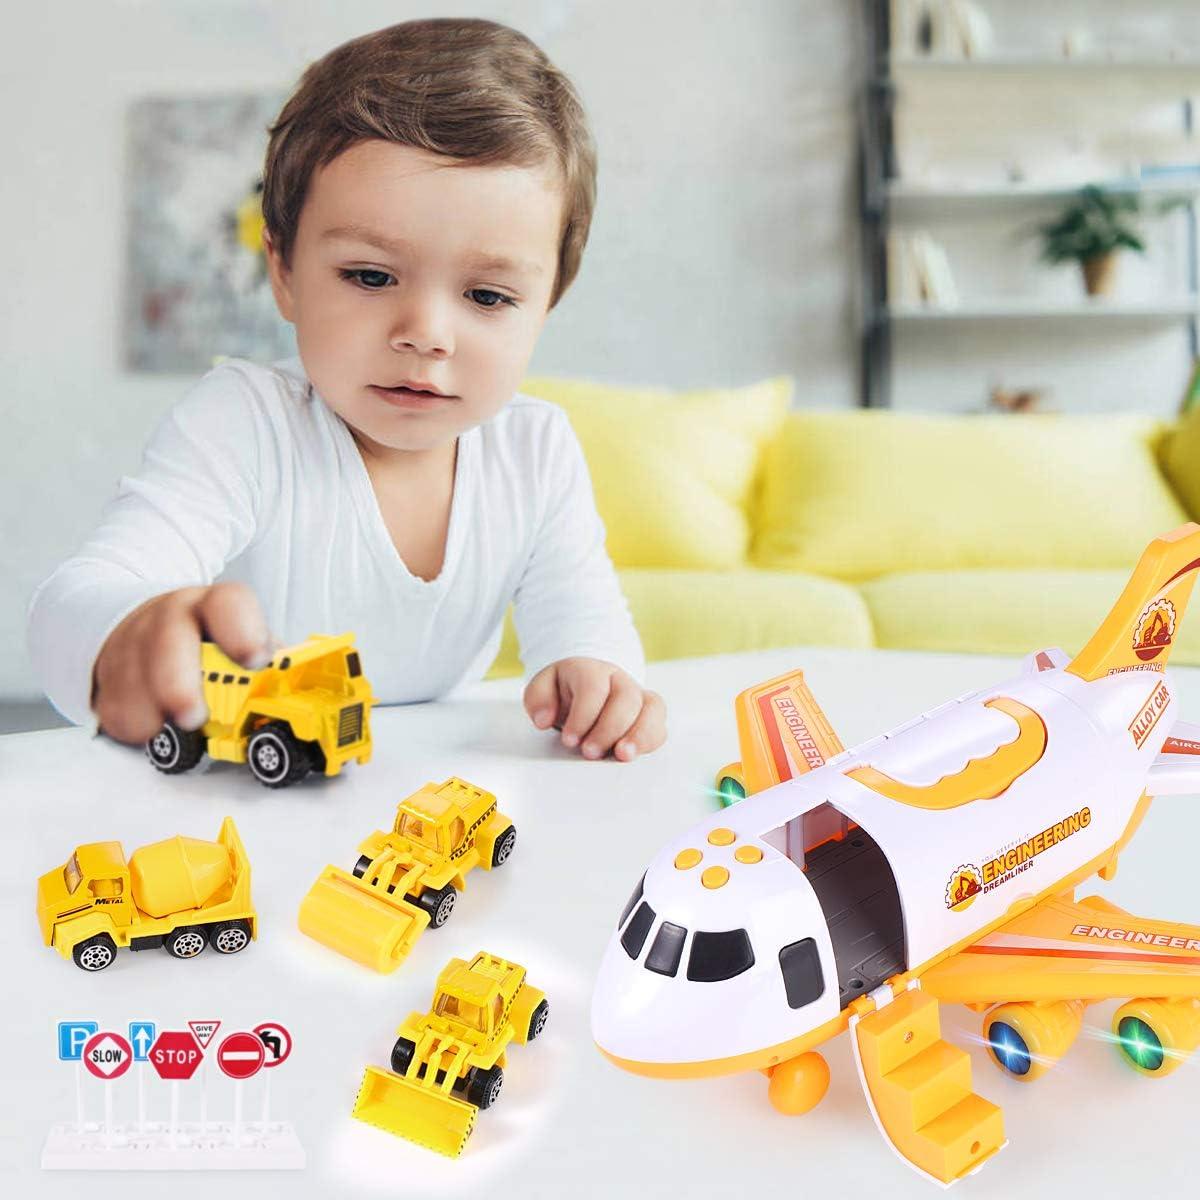 Aeroplano A Inerzia con Set di Giocattoli Educativi per Veicoli Camion Pompieri-Rosso SHANNA Aerei Giocattolo Bambini 1 Aereo Grandi Dimensioni 4 Auto in Lega Ragazzo Ragazze Regalo